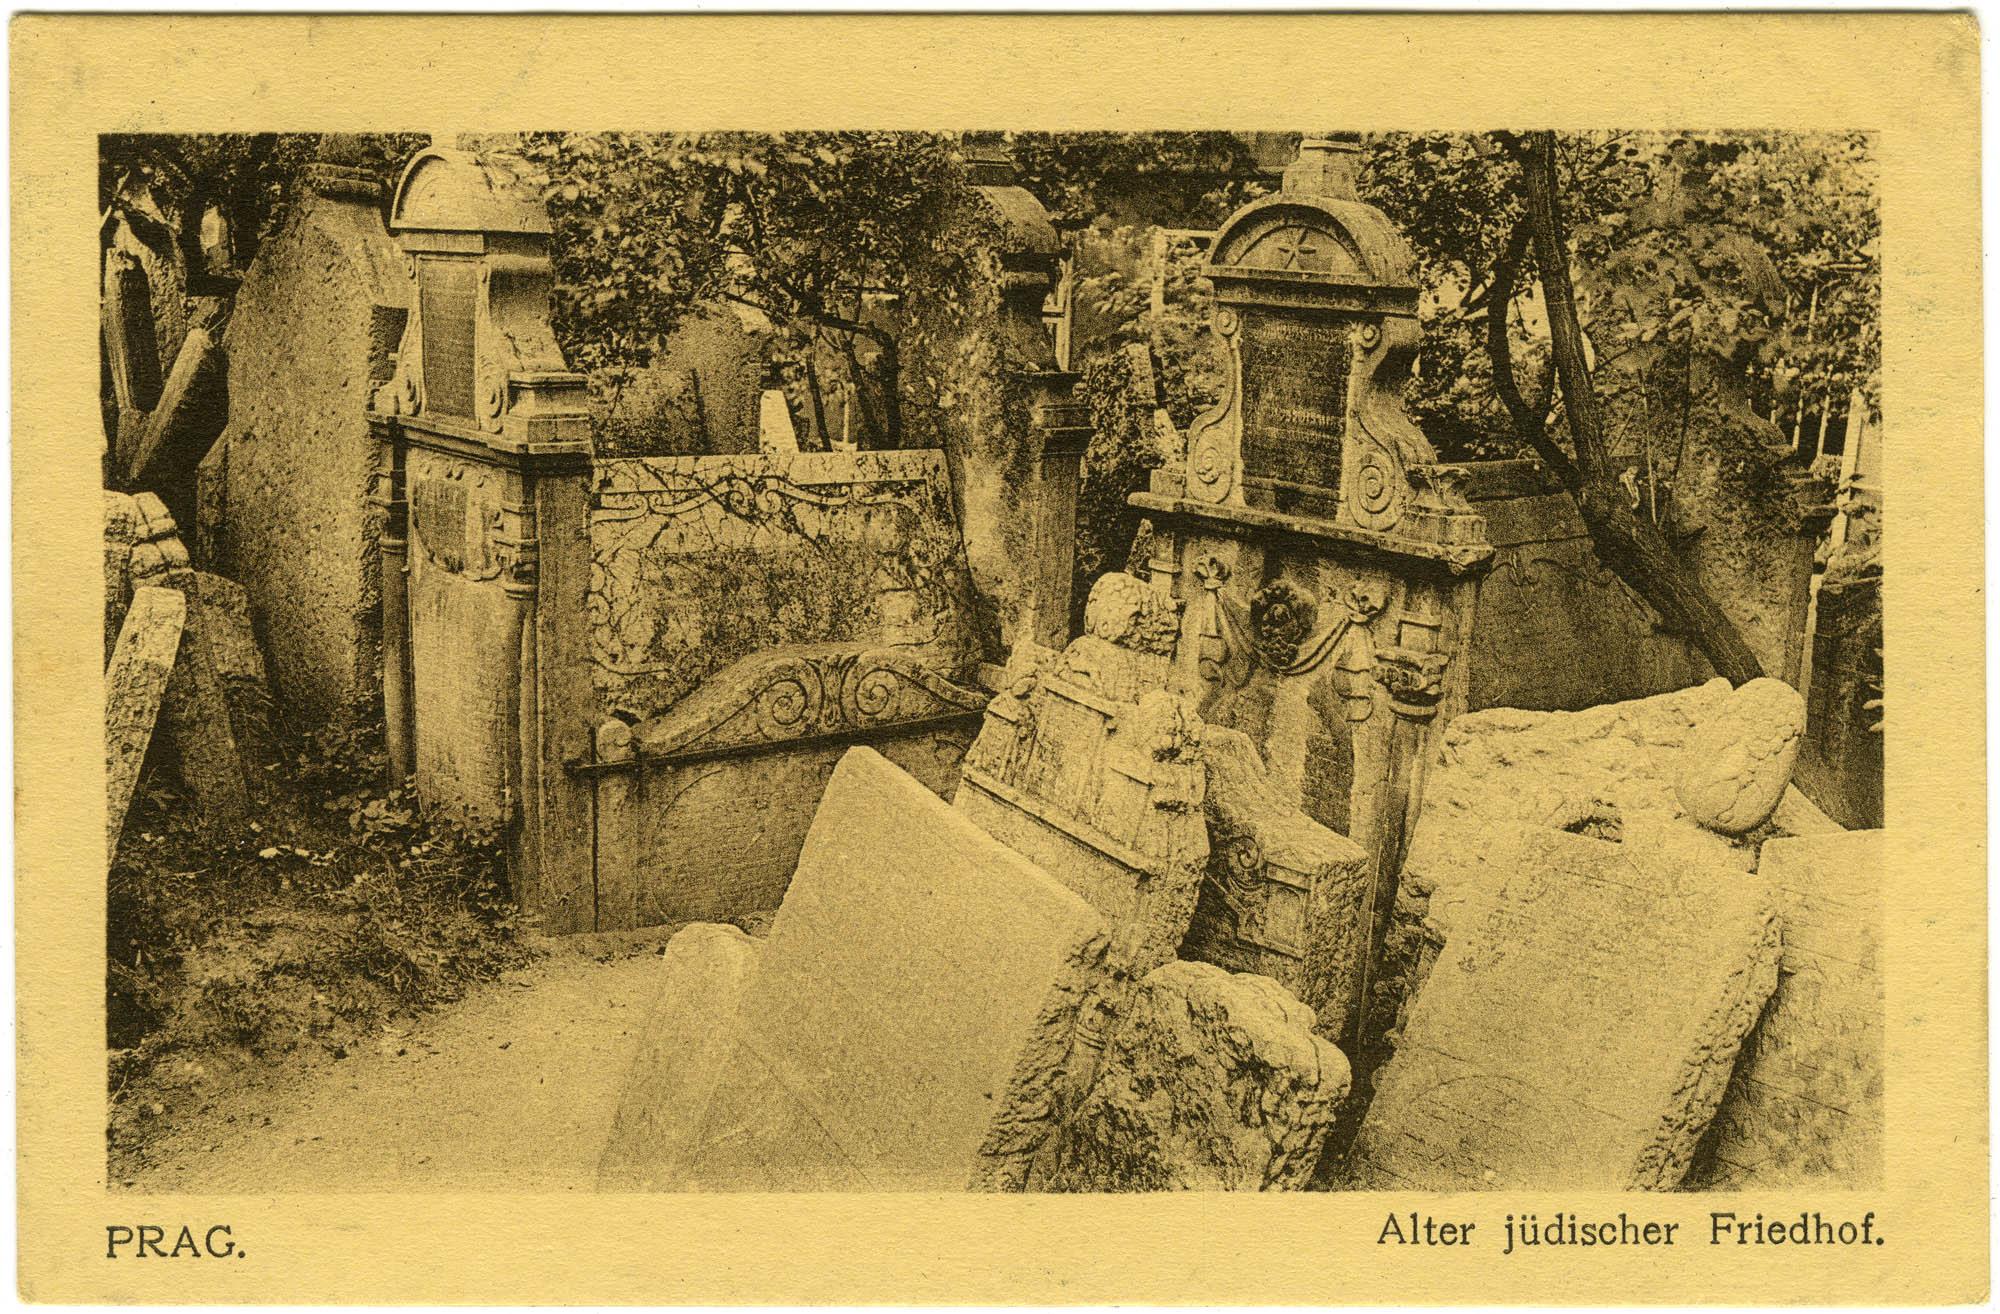 Prag. Alter jüdischer Friedhof.